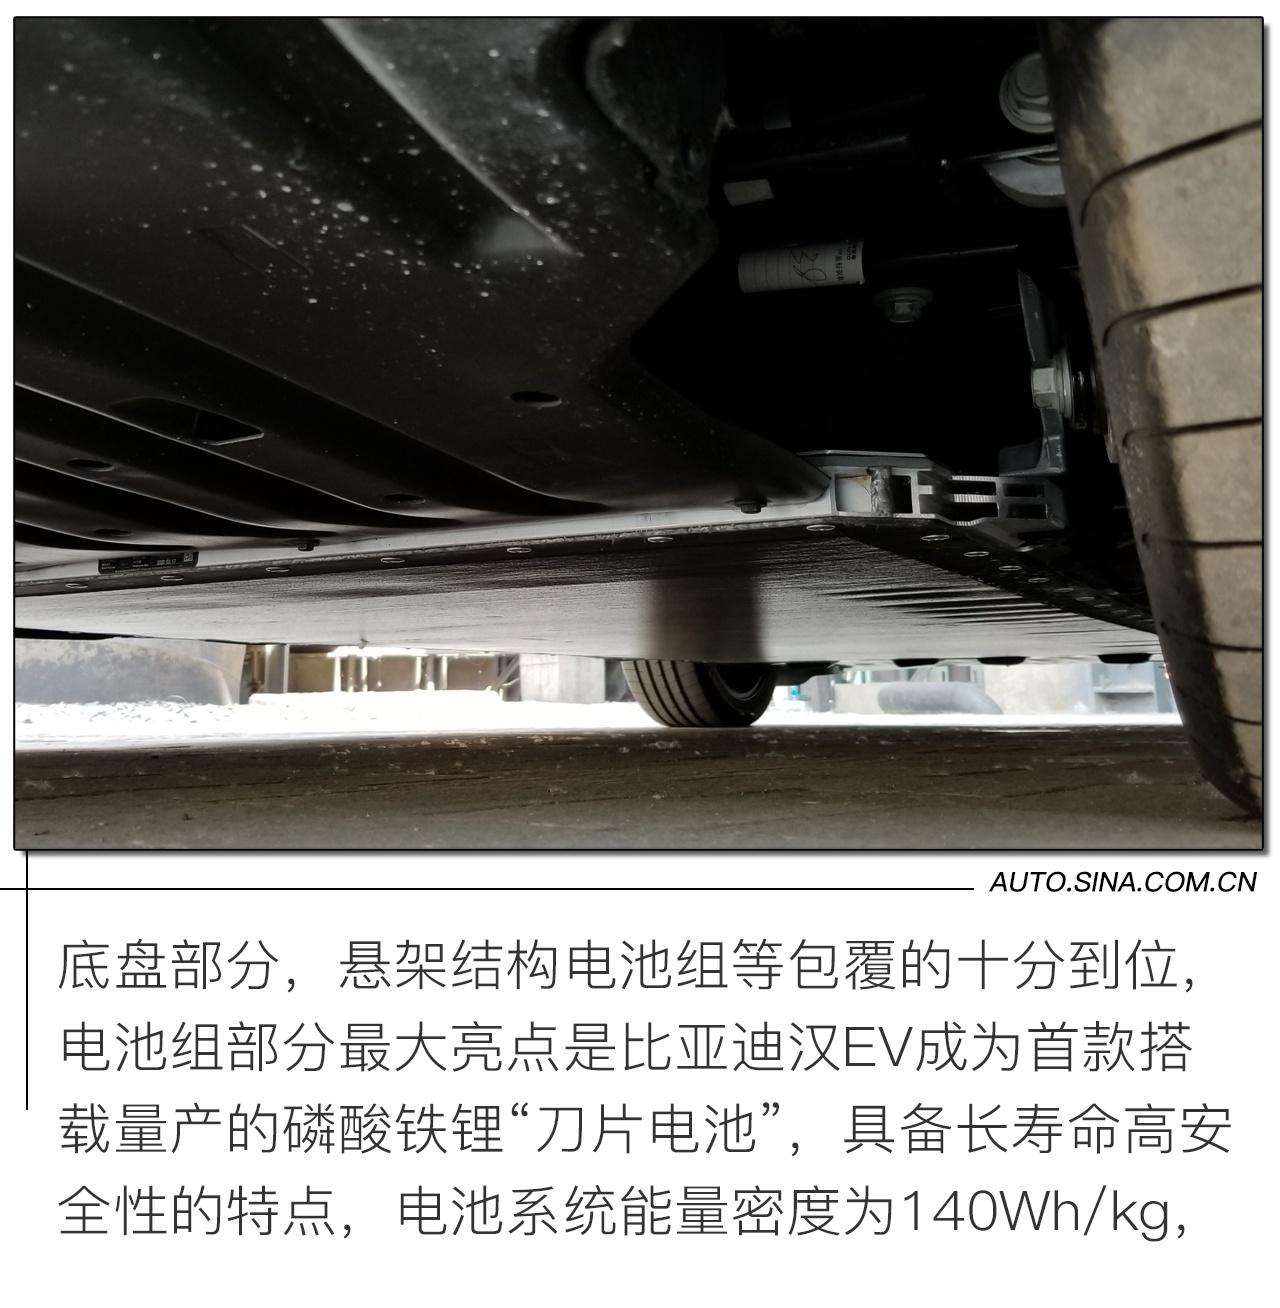 搭刀片电池/加速3.9s 比亚迪汉EV旗舰定位亮点不止这些